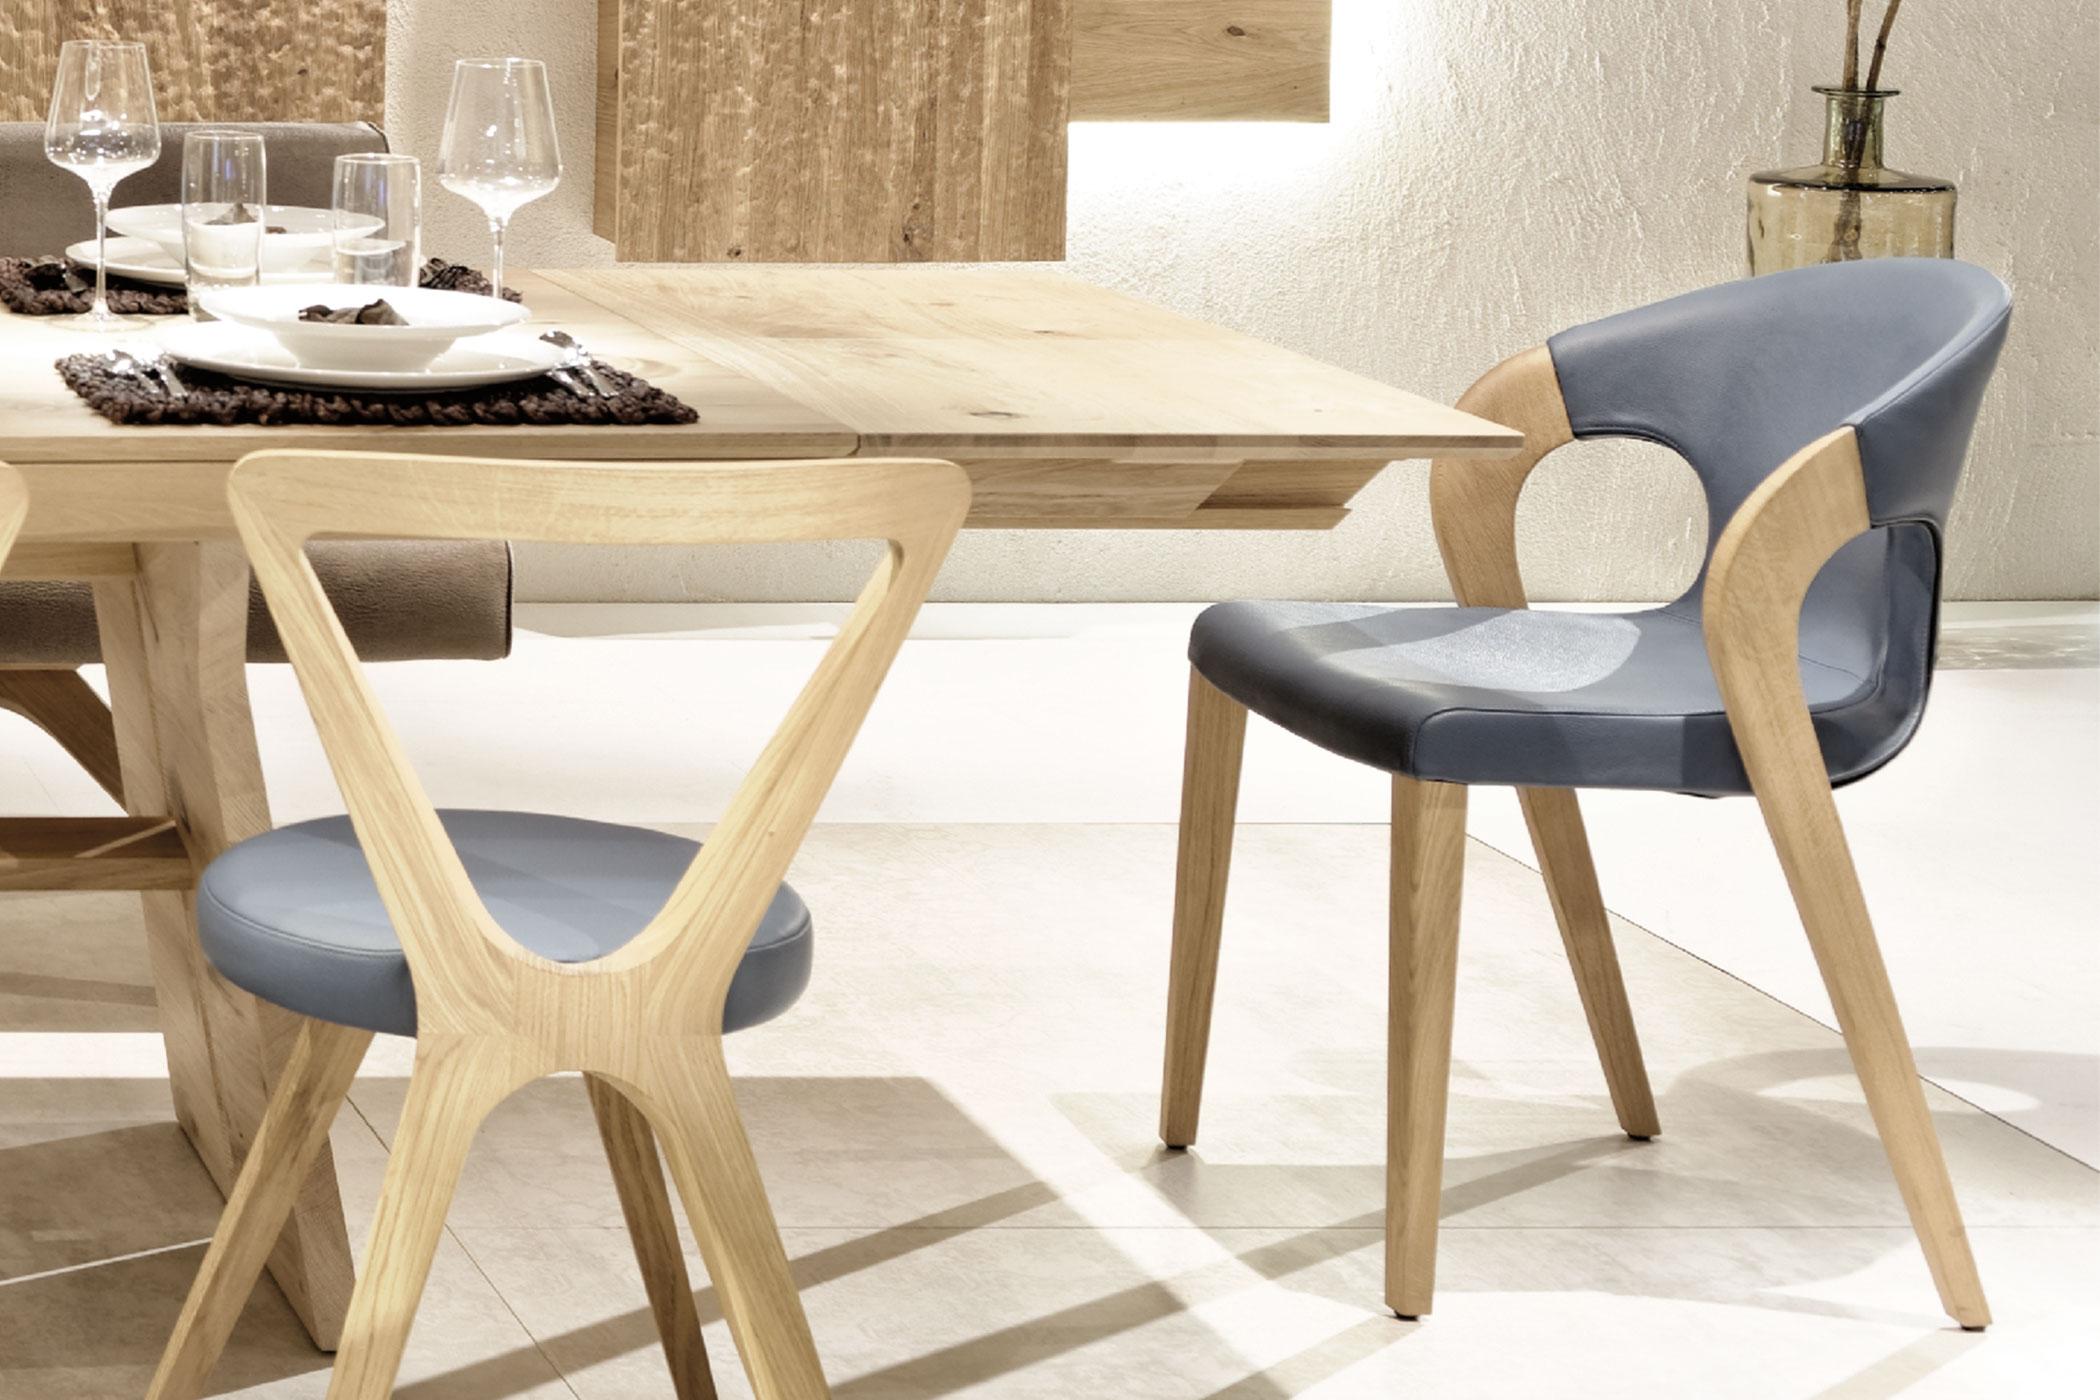 esszimmer v organo living v1 wildeiche leder von voglauer m bel letz ihr online shop. Black Bedroom Furniture Sets. Home Design Ideas